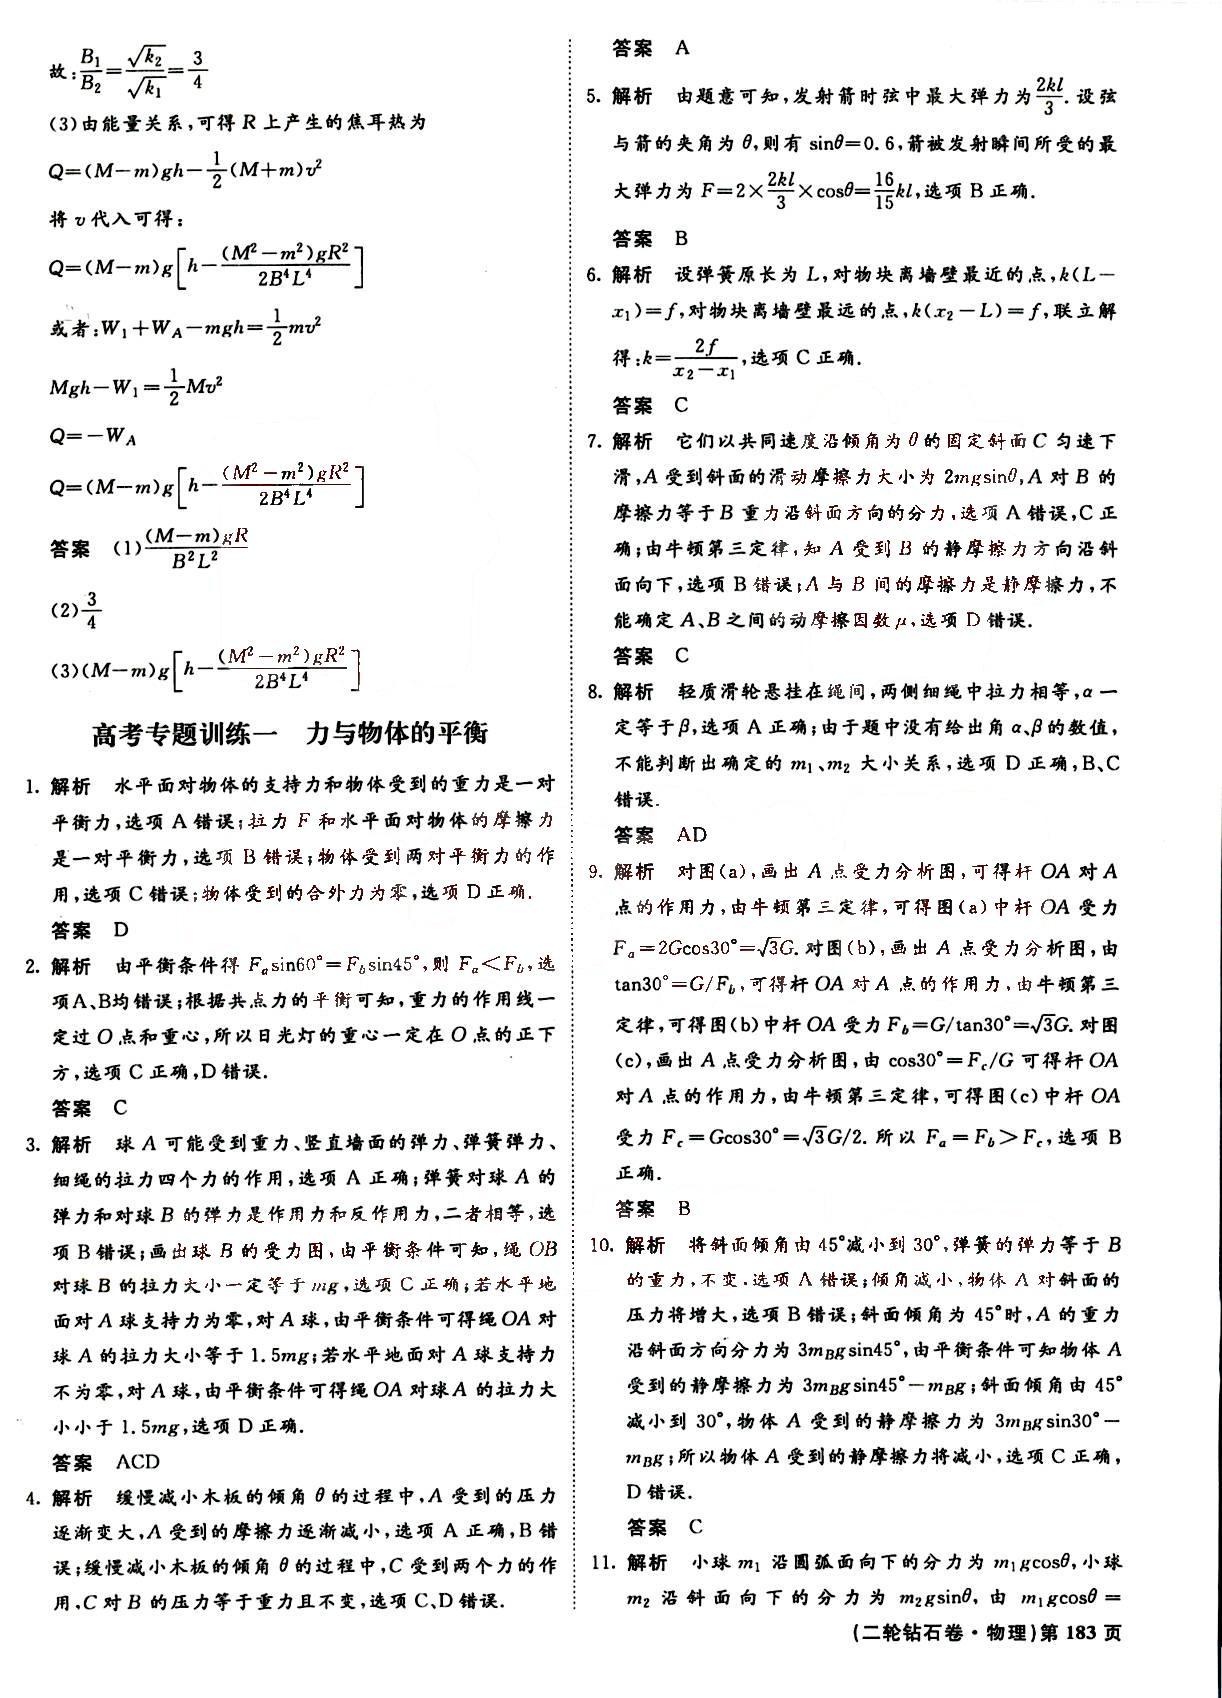 潍坊四中校本教材高考热点专题专练-高考专题串串讲-物理0第1部分 [1]